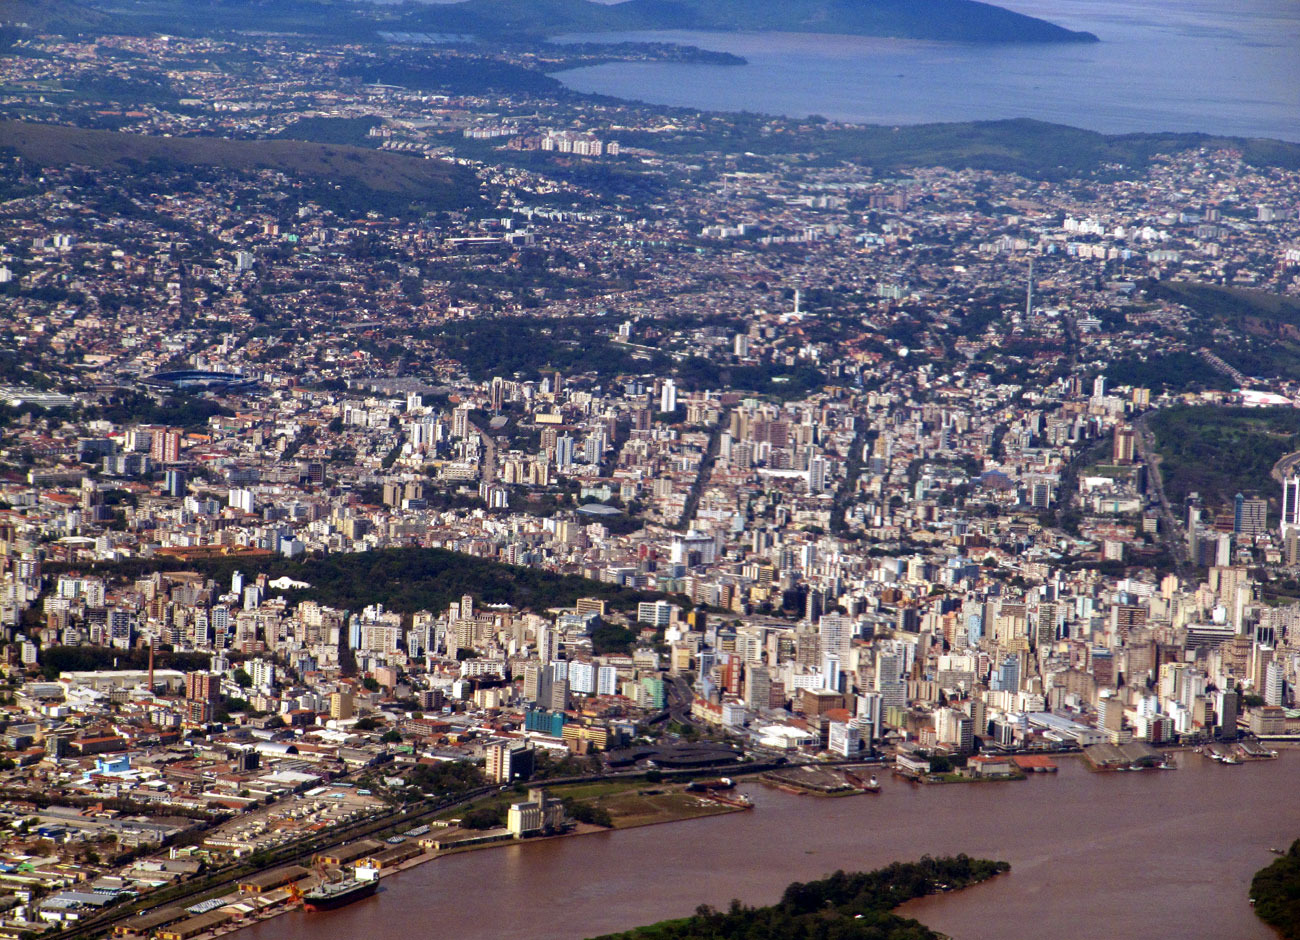 Uniart Artesanato Ribeirão Preto ~ Porto Alegre Aerial View (20)